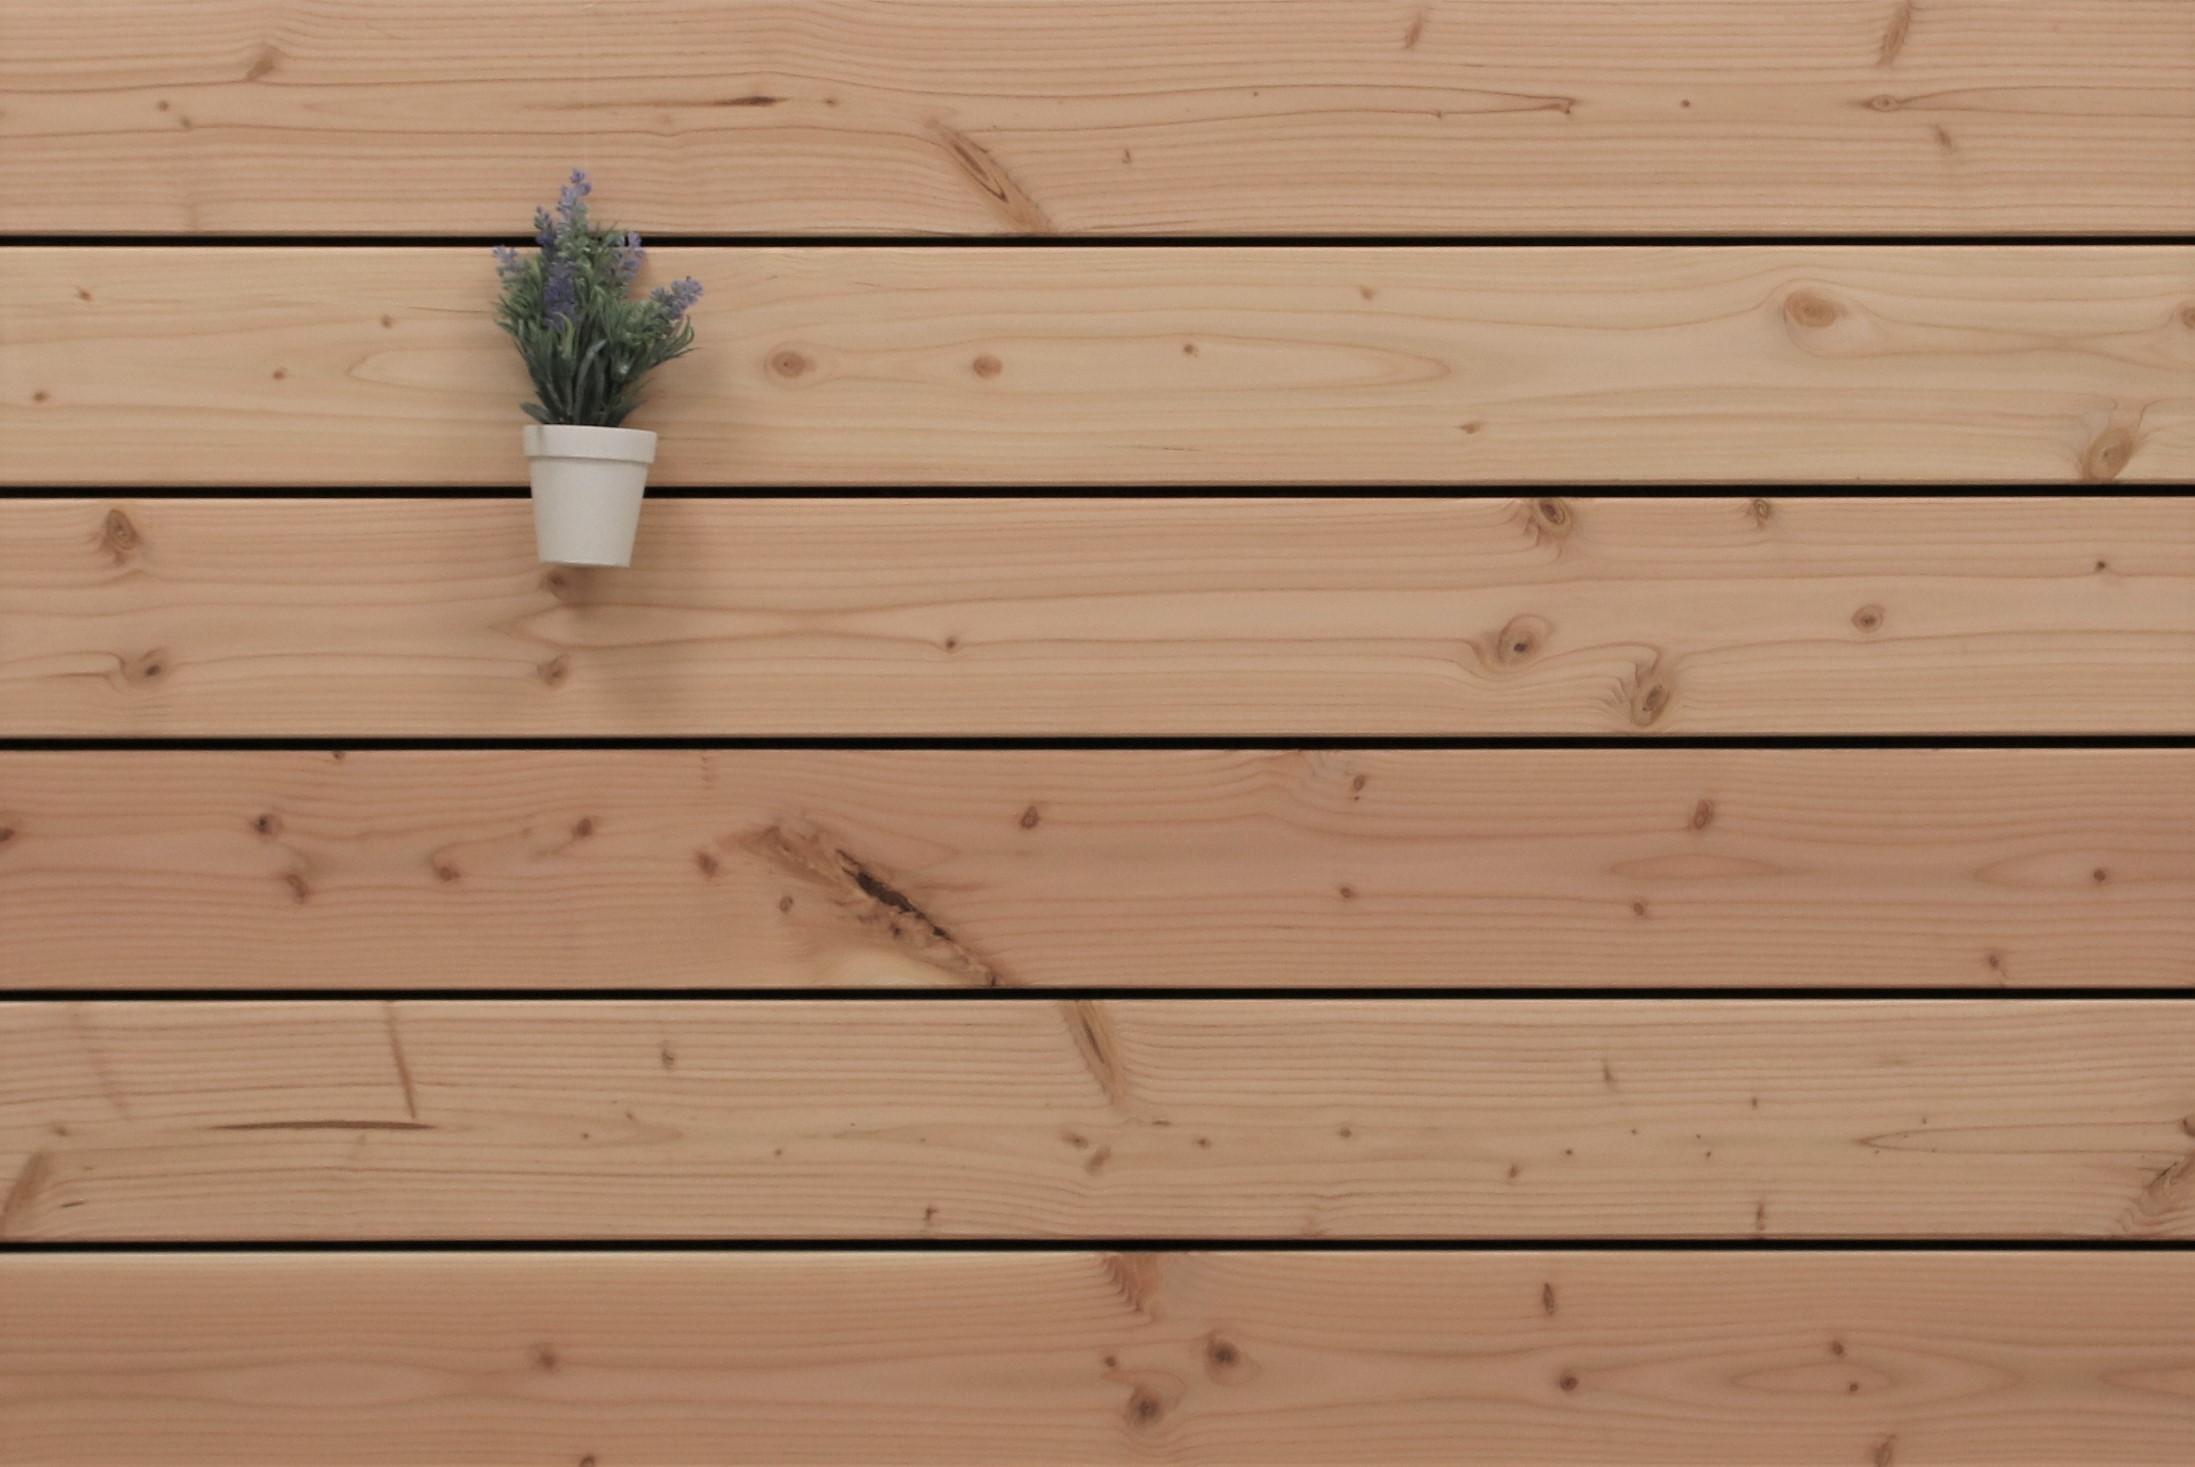 Angebot des Monats, Terrassendielen Douglasie, 26 x 145 bis 5000 mm, glatt für 5,90 €/lfm